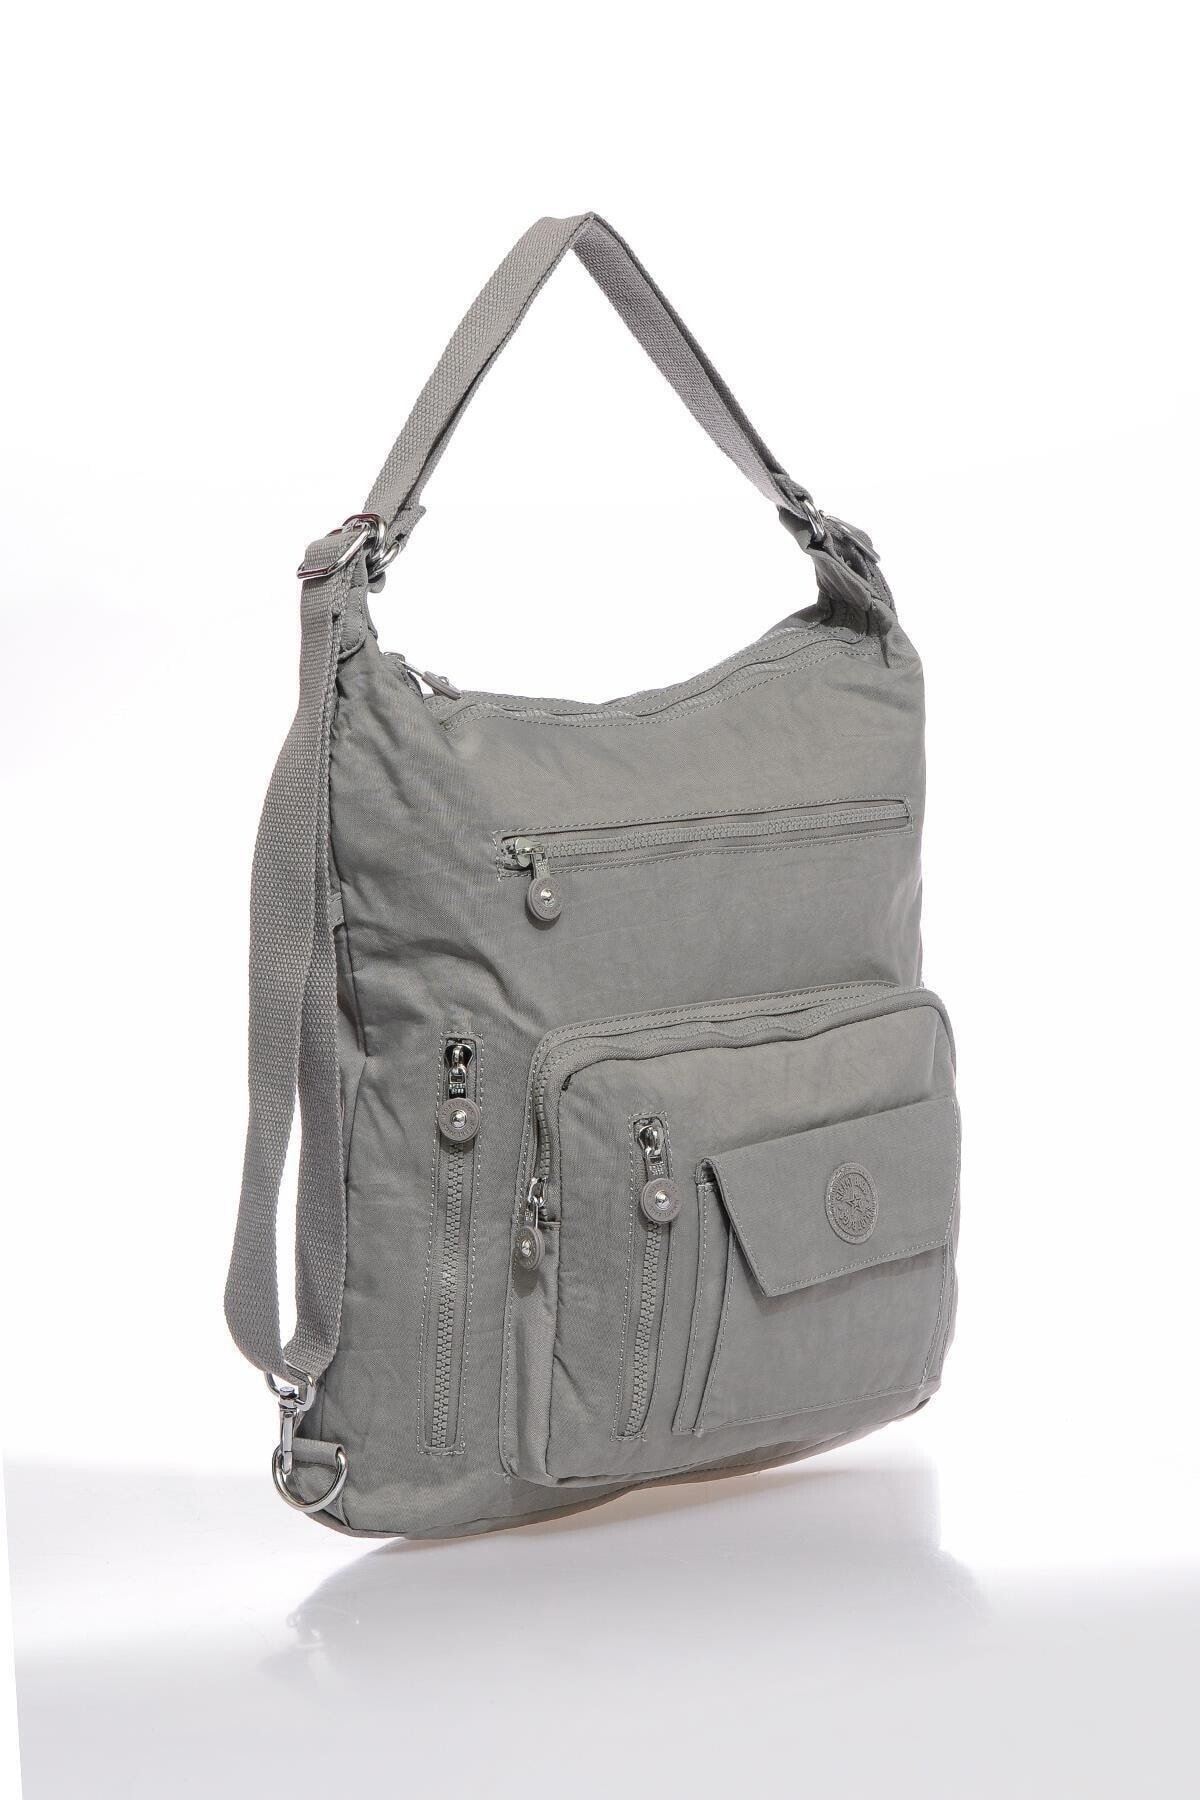 SMART BAGS Smbky1205-0078 Gri Kadın Omuz Ve Sırt Çantası 2